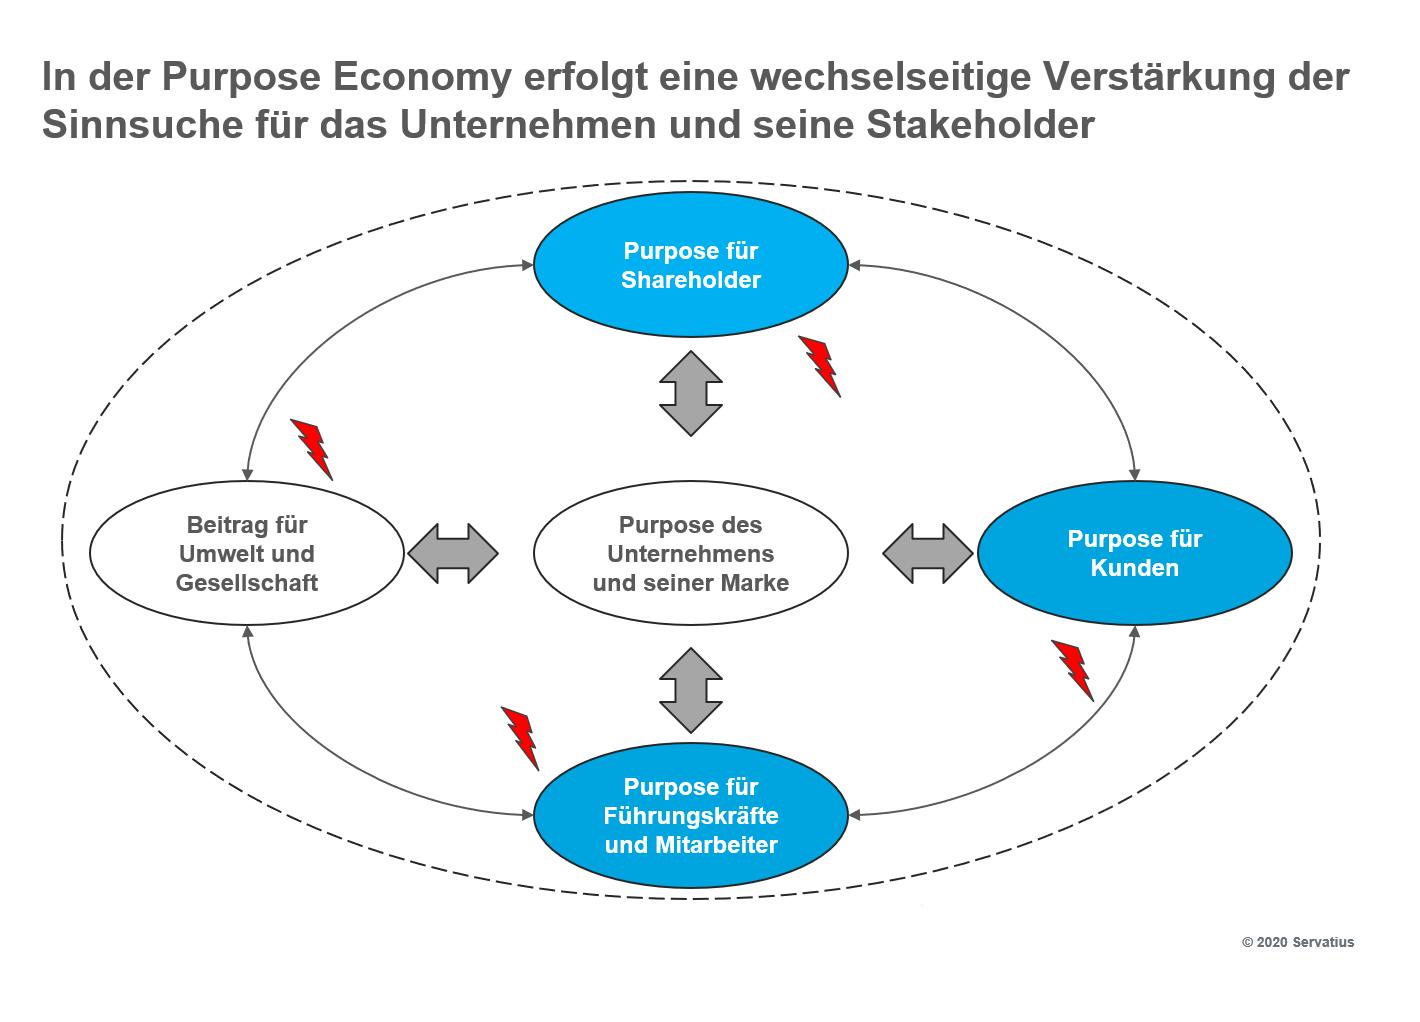 Wechselseitige Verstärkung von Purpose zwsichen Unternehmen und Stakeholdern